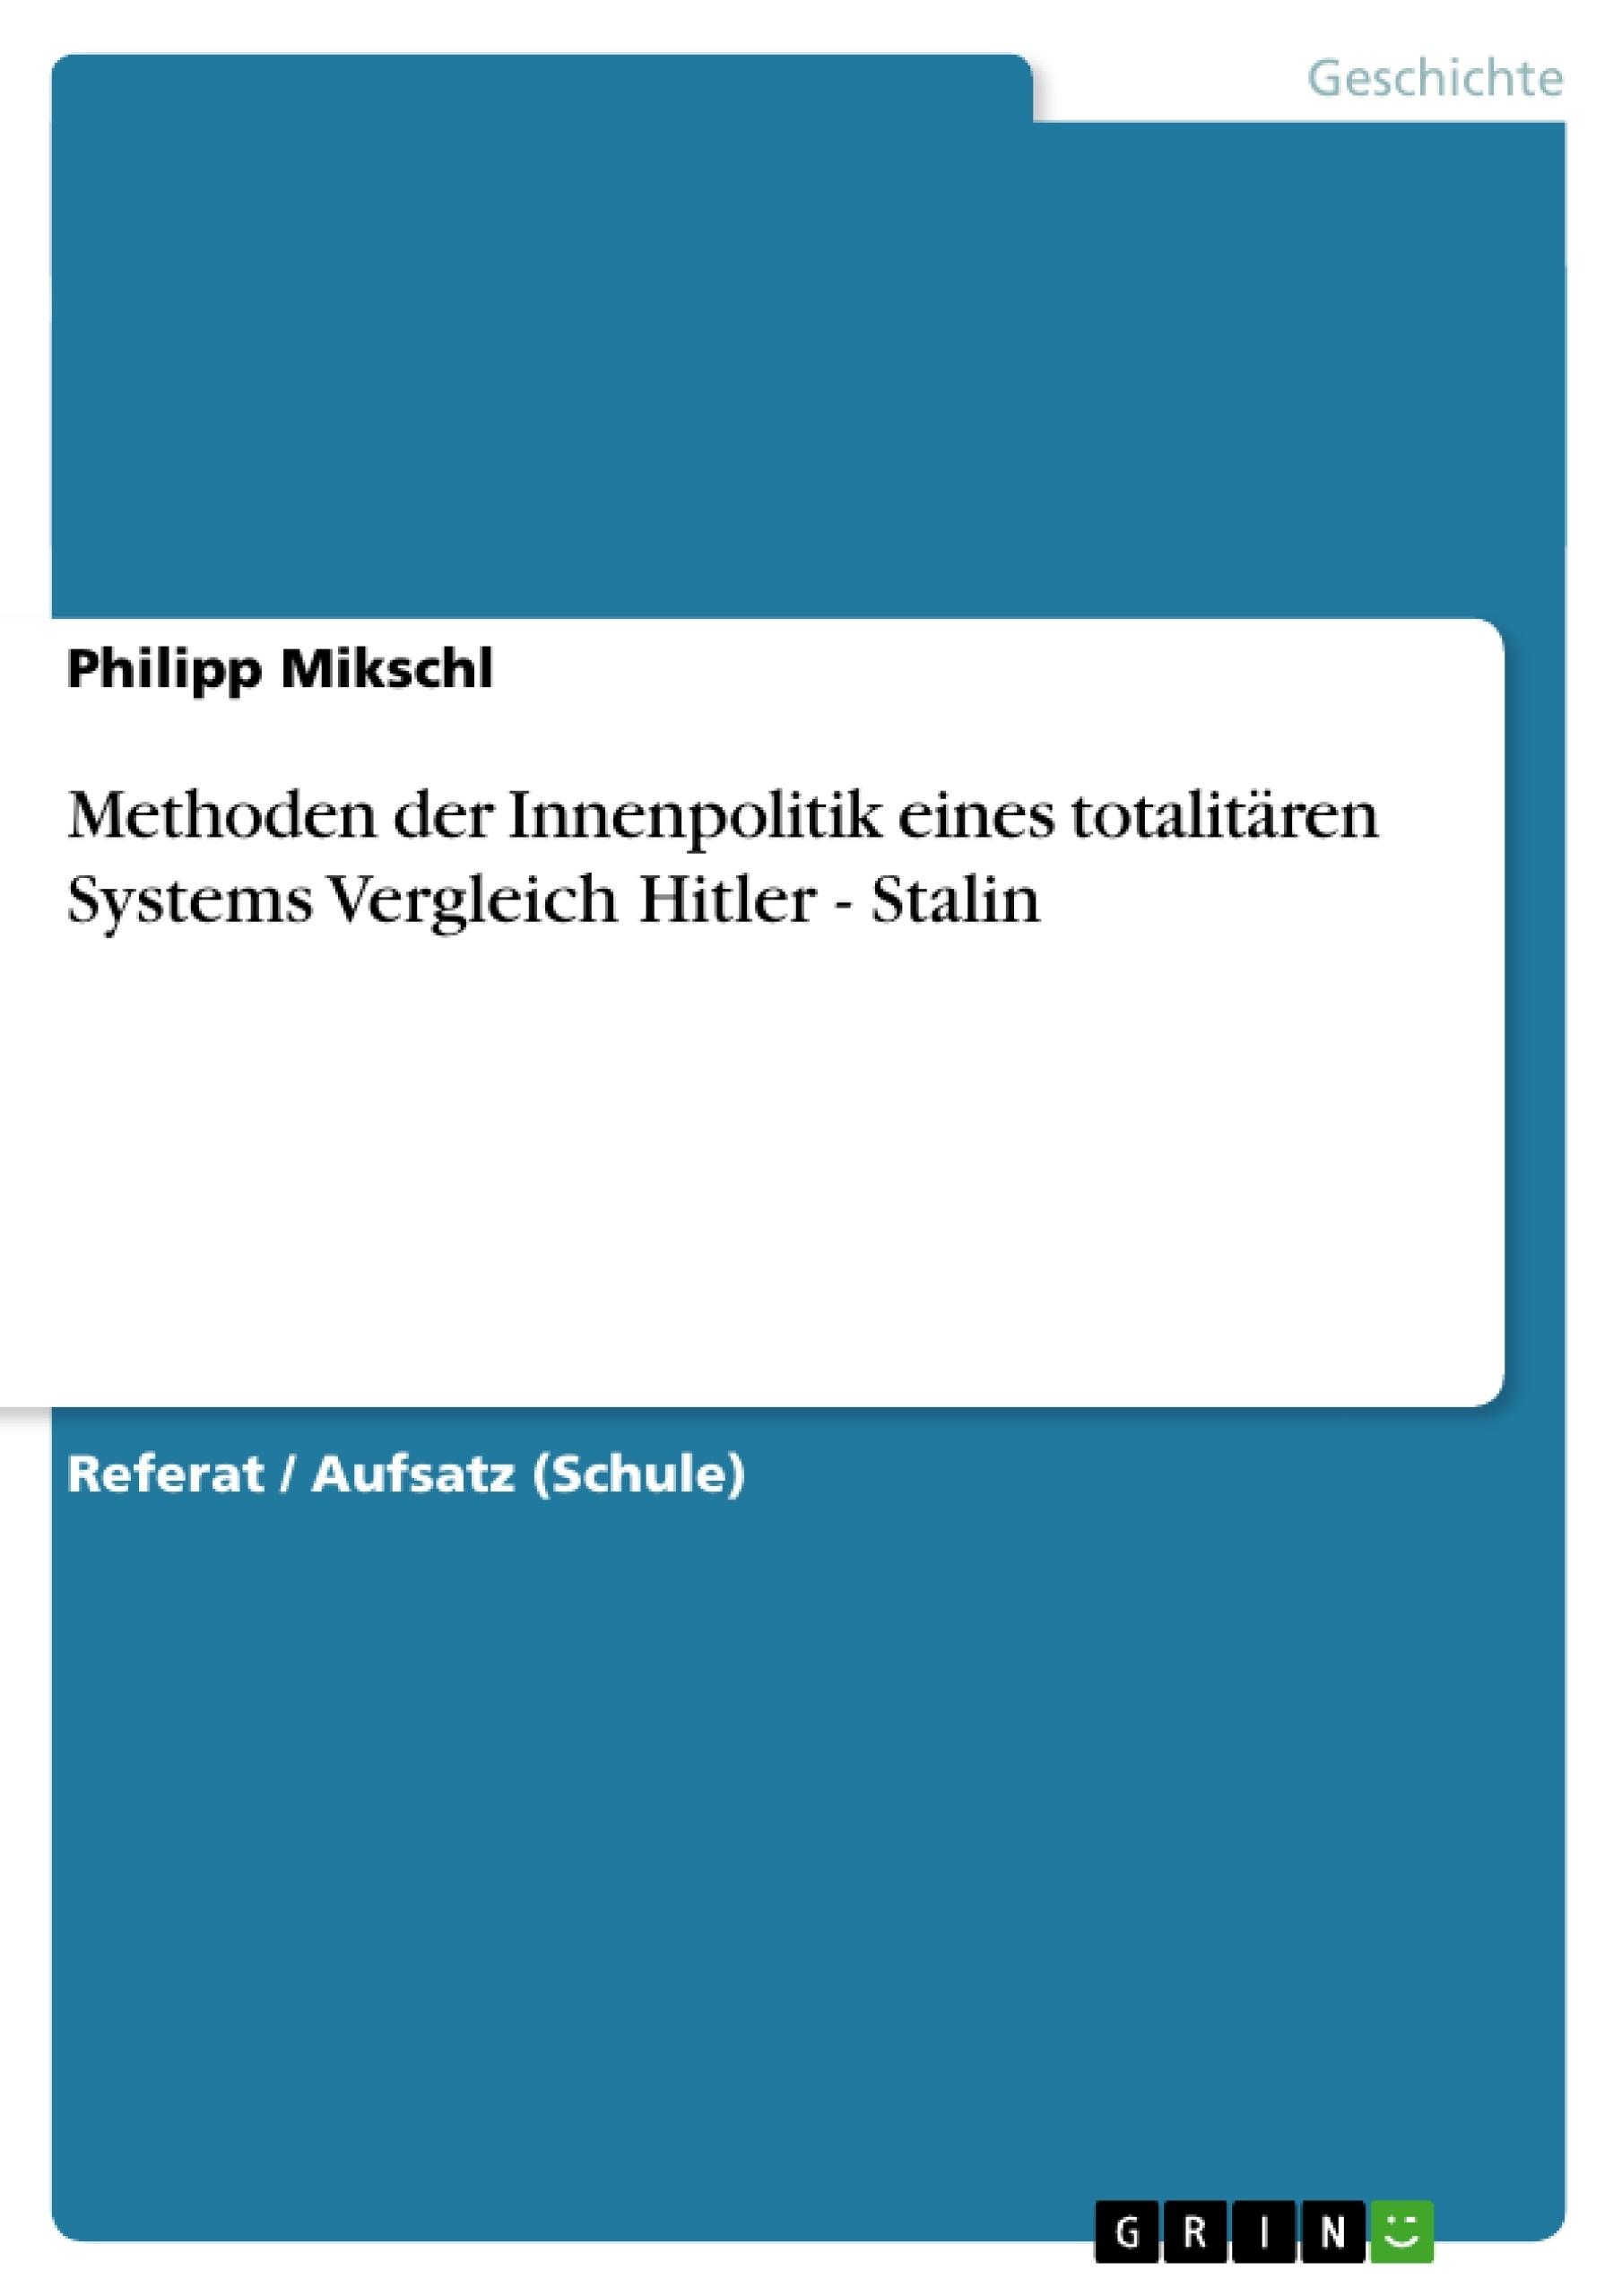 Titel: Methoden der Innenpolitik eines totalitären Systems Vergleich Hitler - Stalin